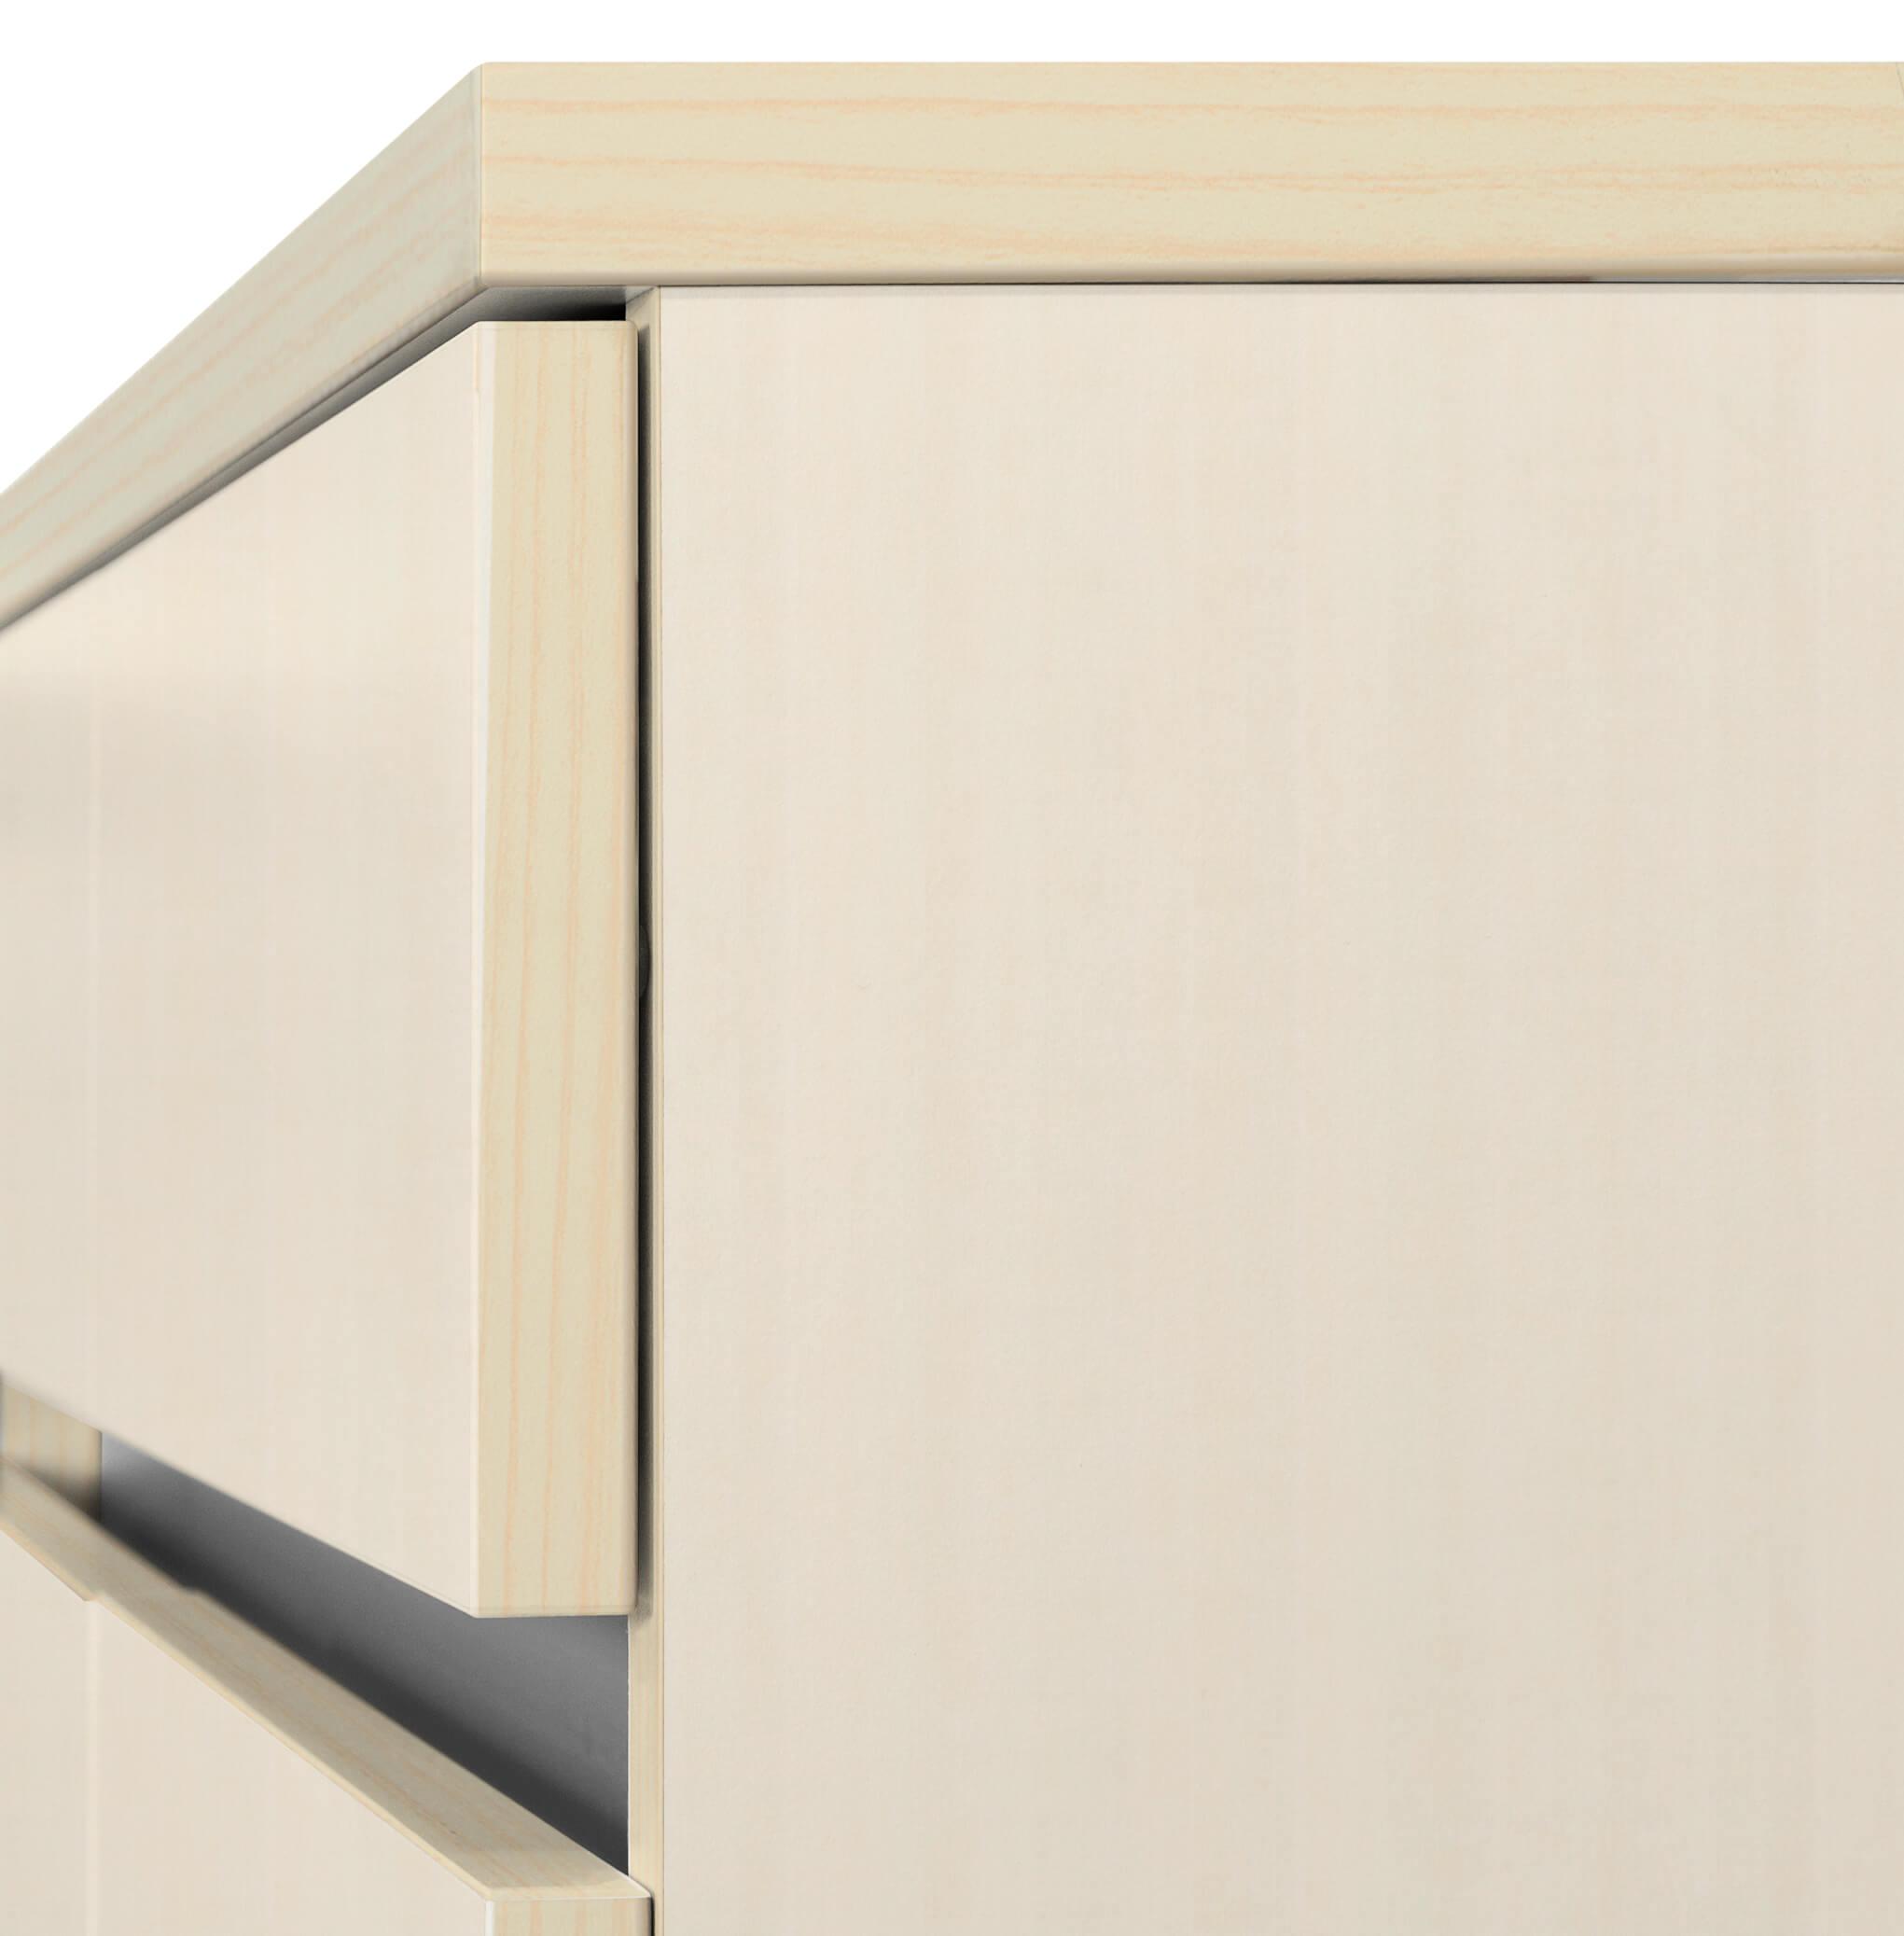 PROFI Schreibtisch AIR mit integriertem Sideboard Bürotisch Computertisch Tisch